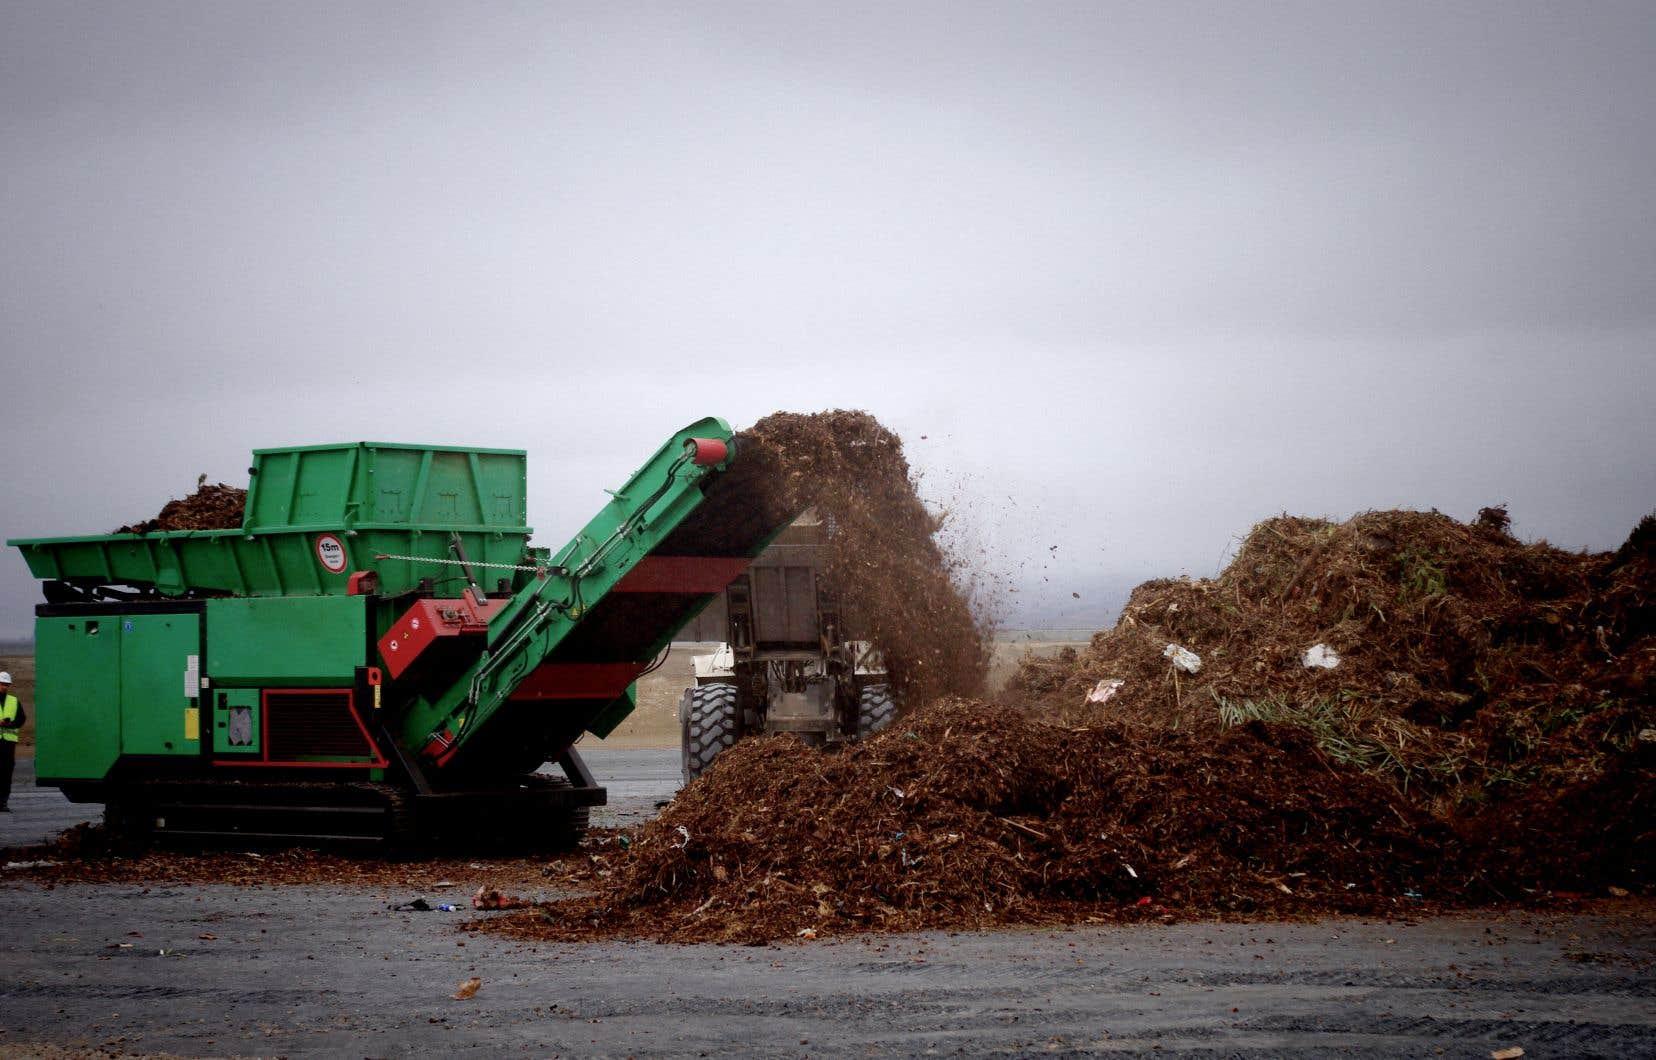 Selon une entreprise de distribution alimentaire, le centre de compostage sera établi trop près de ses bâtiments.